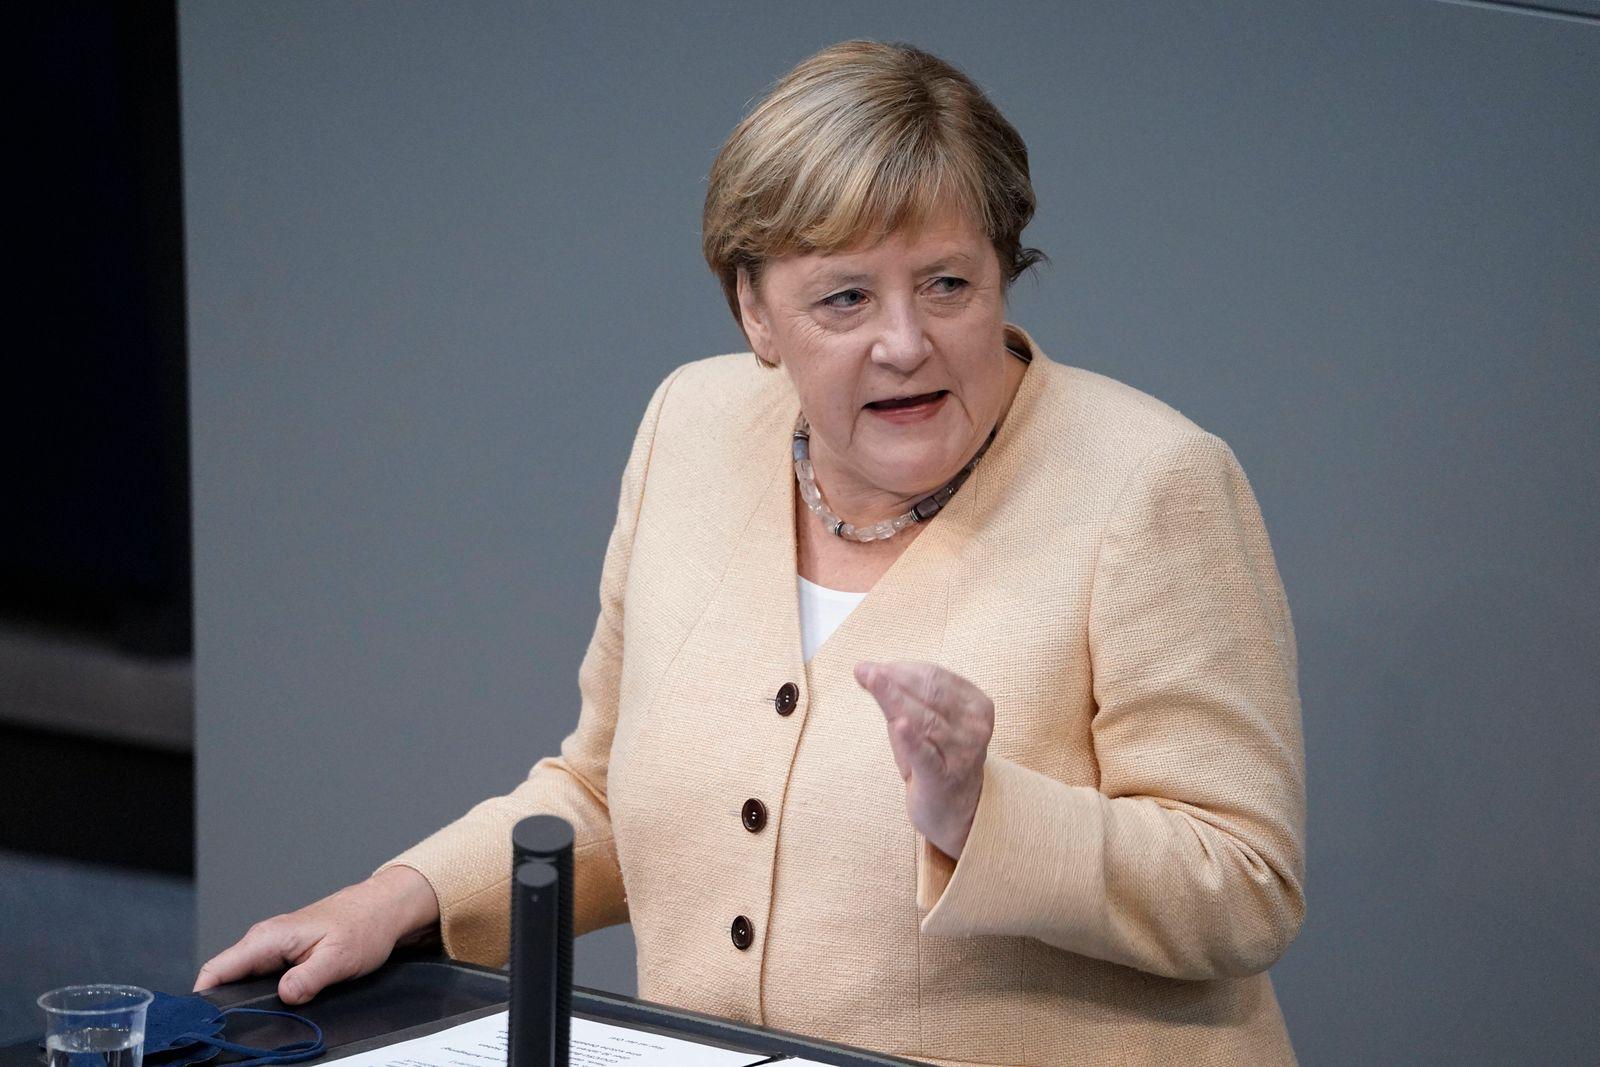 239. Bundestagssitzung und Debatte Aktuell, 07.09.2021, Berlin, Angela Merkel die Bundeskanzlerin der Bundesrepublik Deu